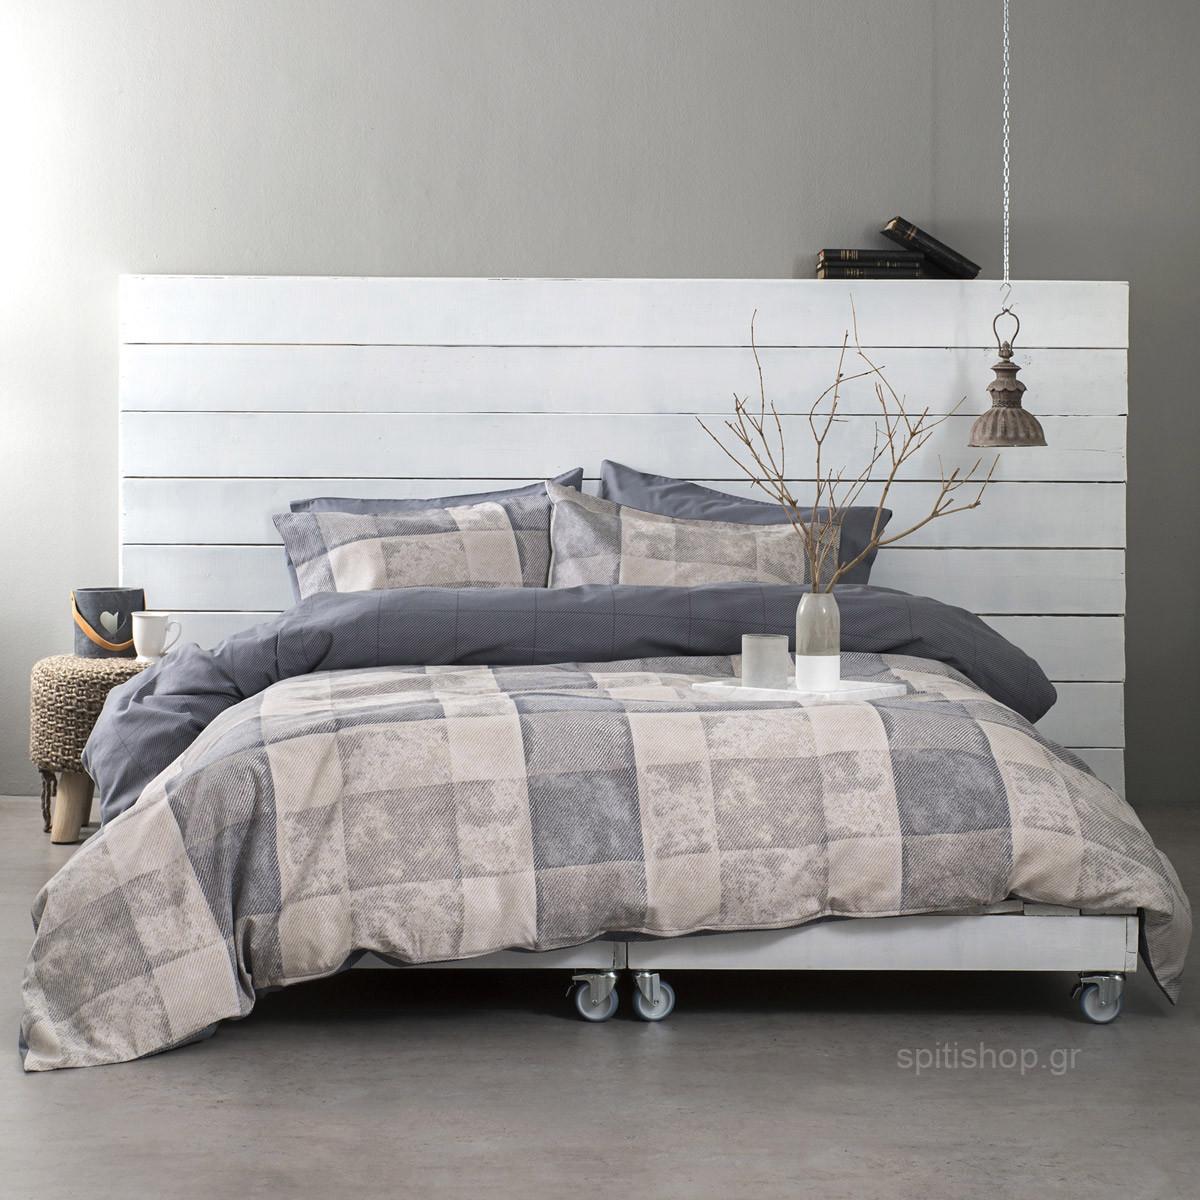 Φανελένια Σεντόνια King Size (Σετ) Nima Bed Linen Meddley